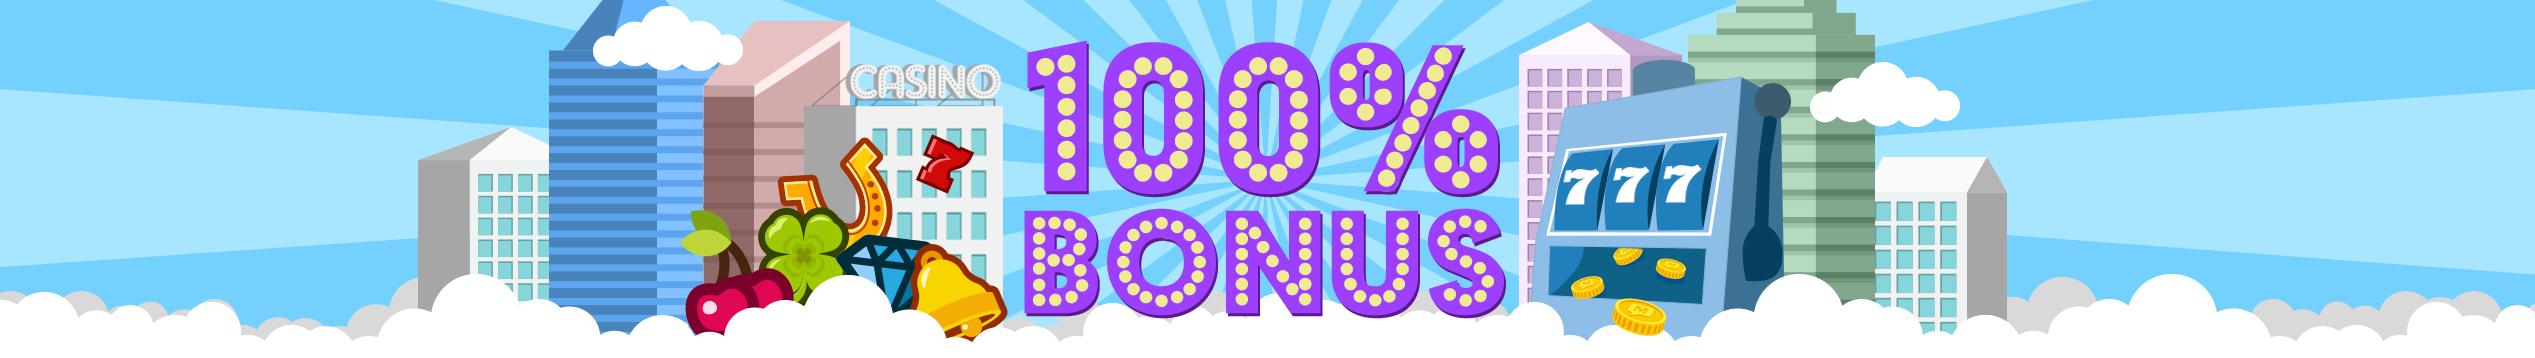 Registrer og få 10 kr bonus og gratisspinn helt gratis!